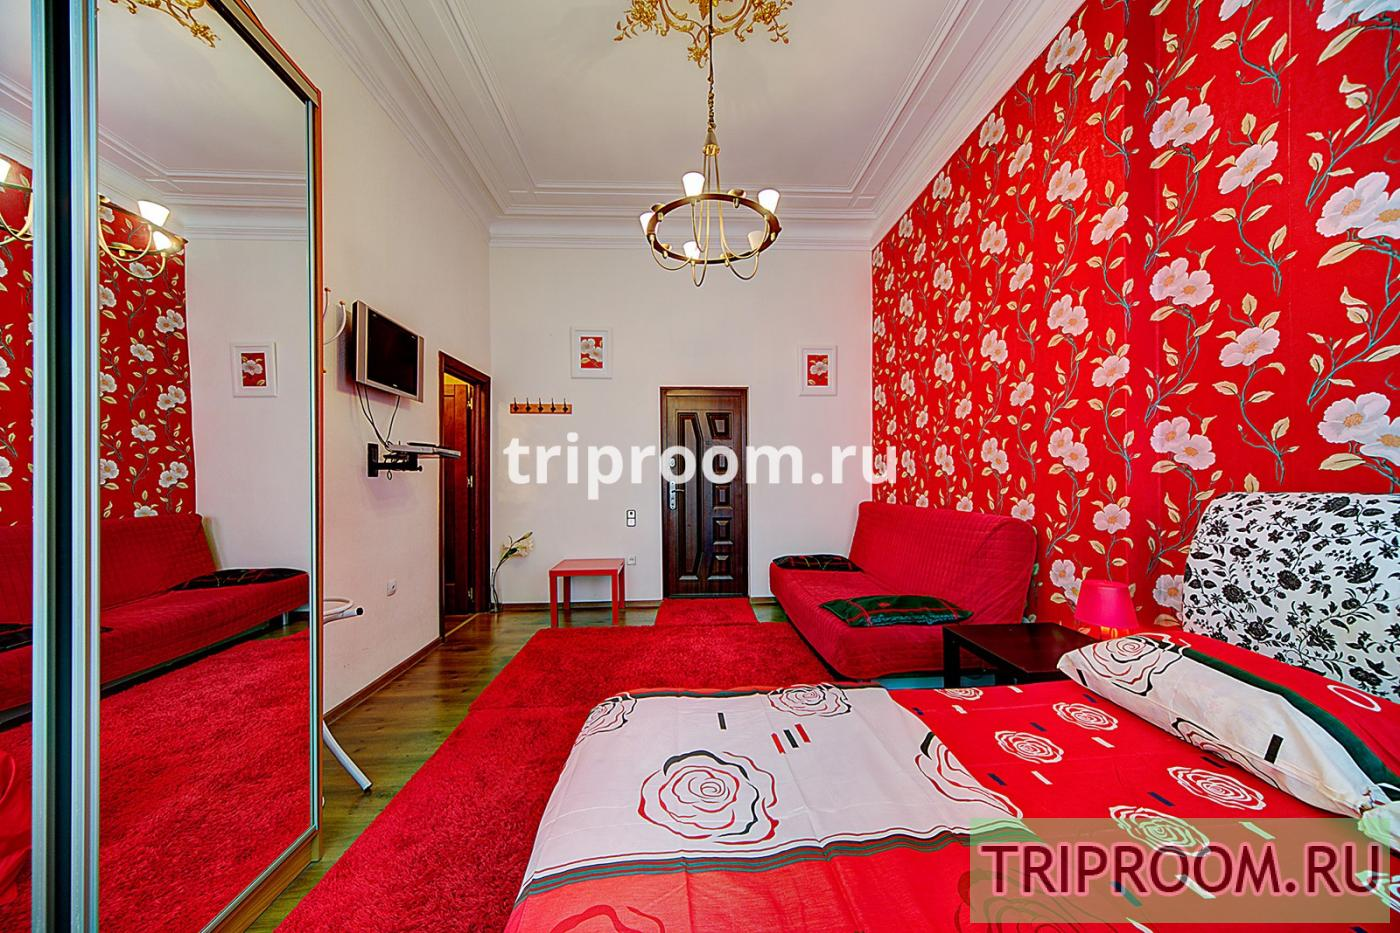 1-комнатная квартира посуточно (вариант № 15073), ул. Итальянская улица, фото № 4